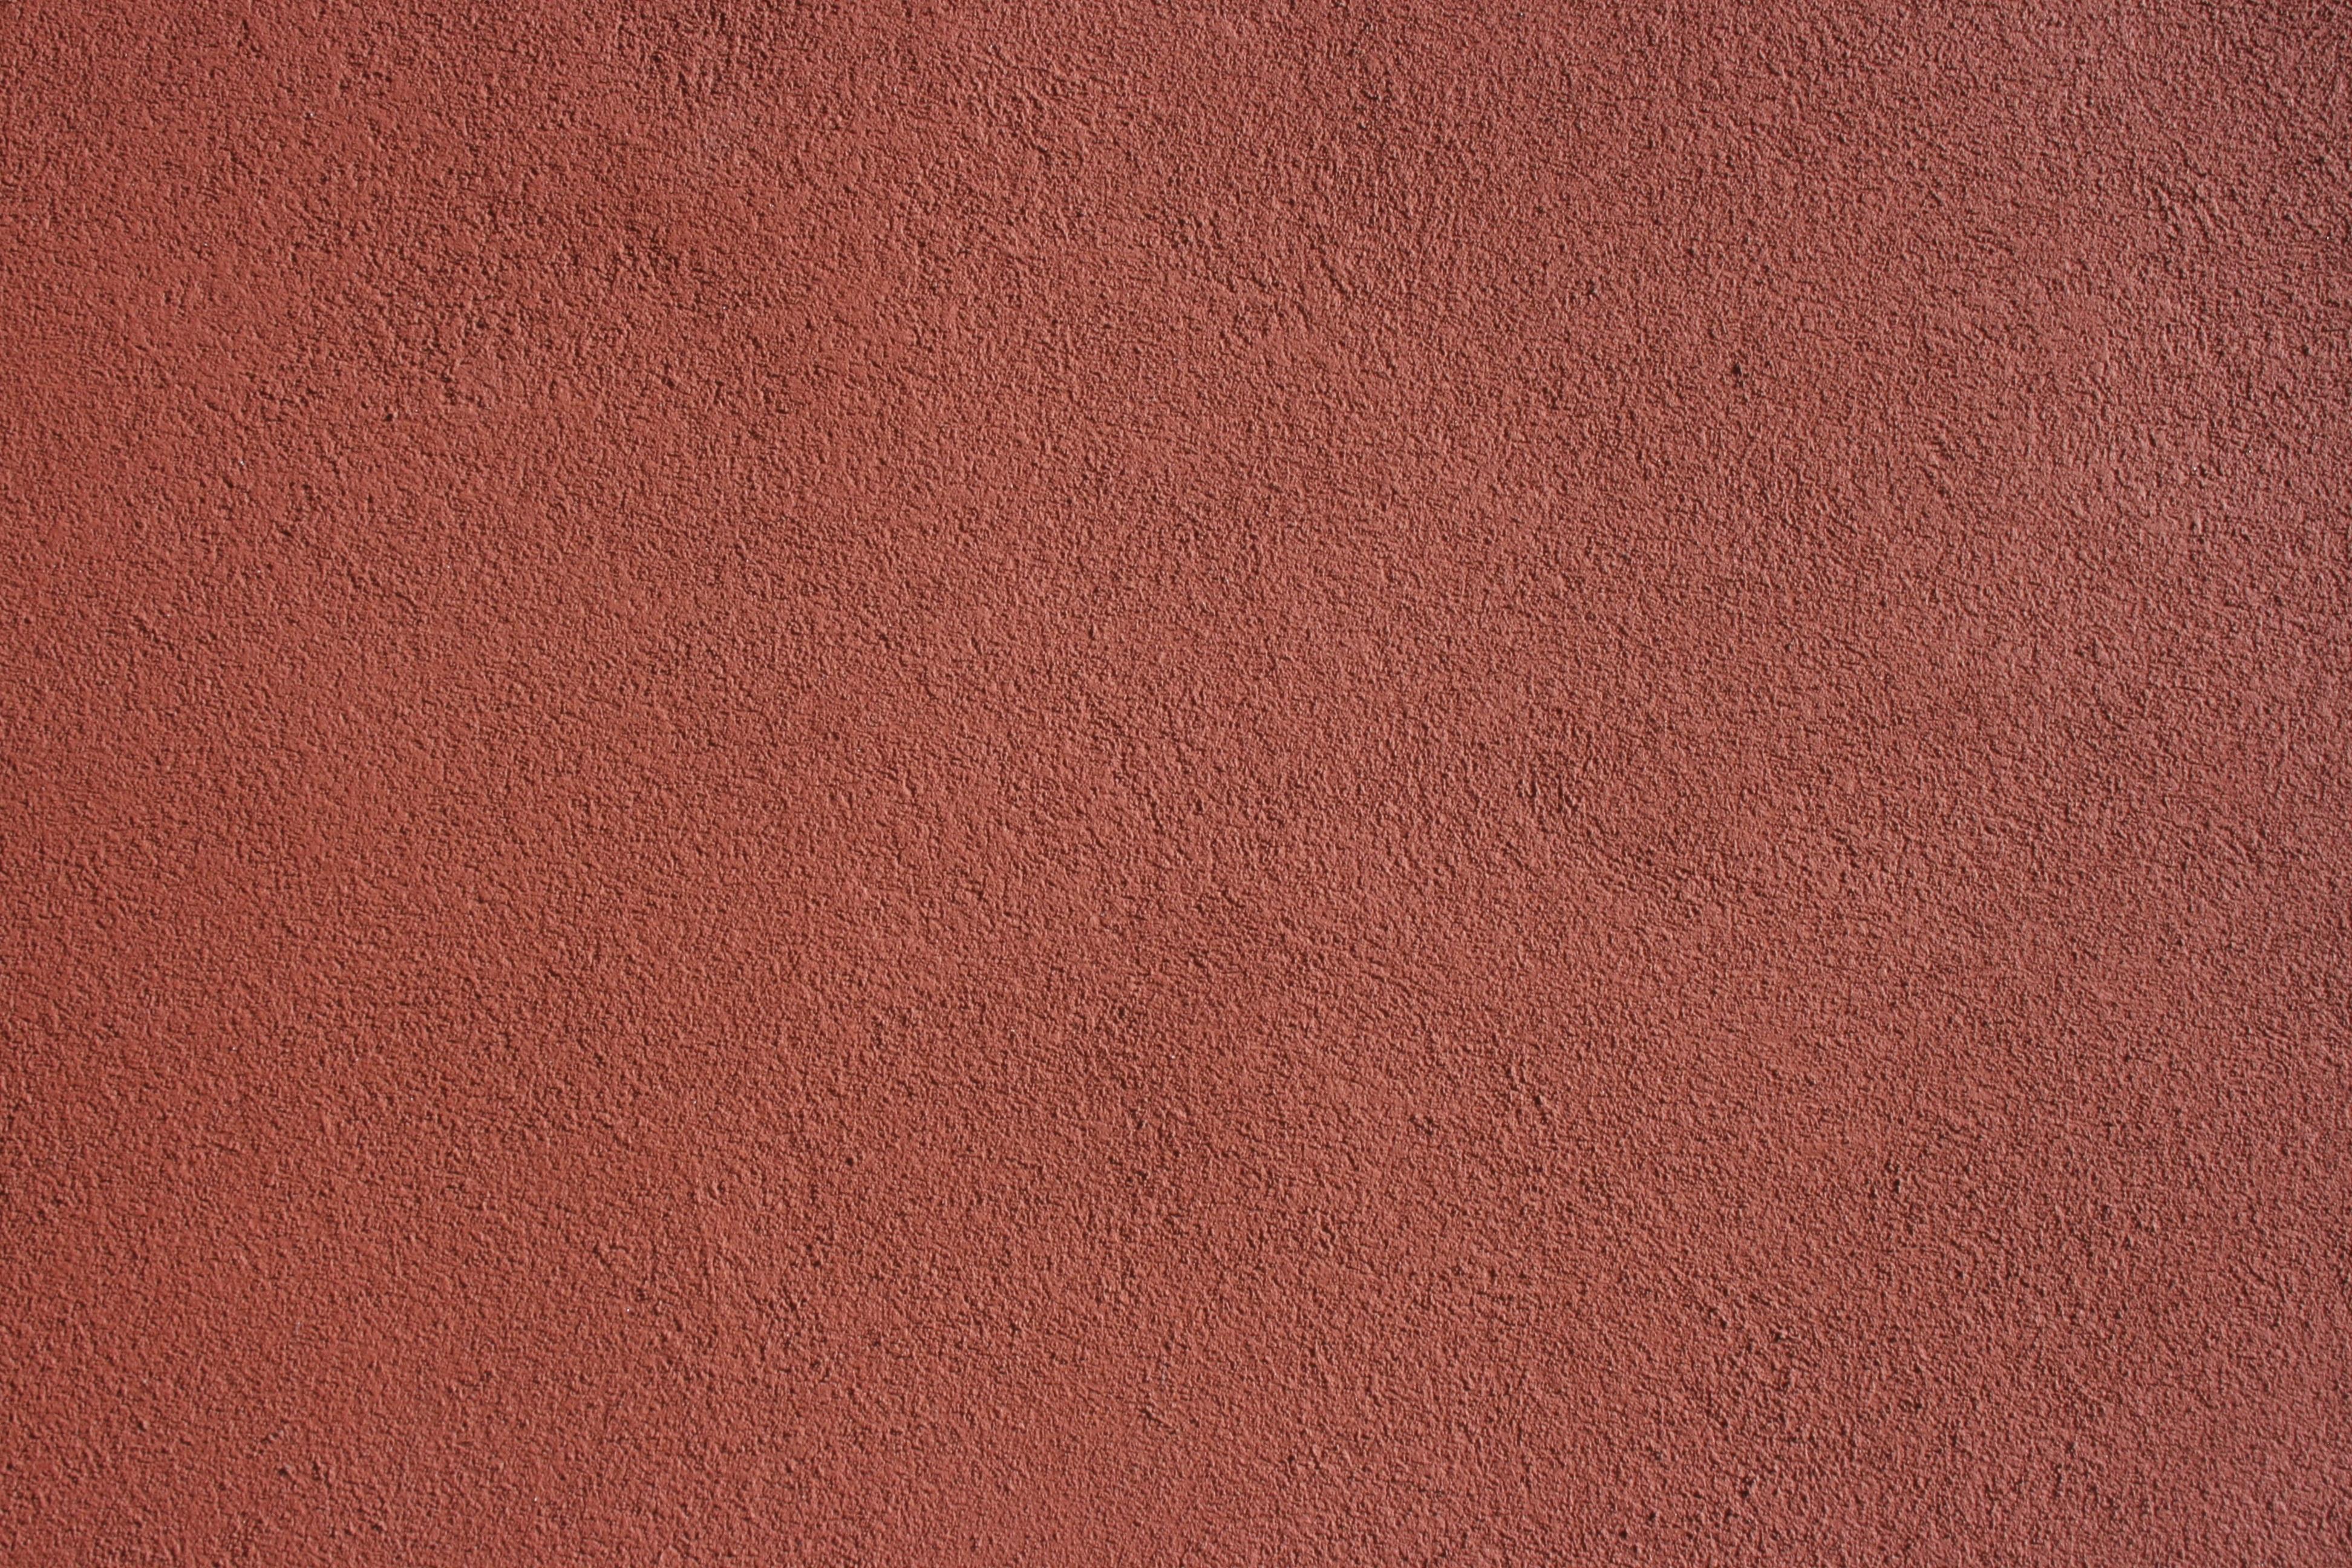 Free Images Texture Floor Wall Asphalt Orange